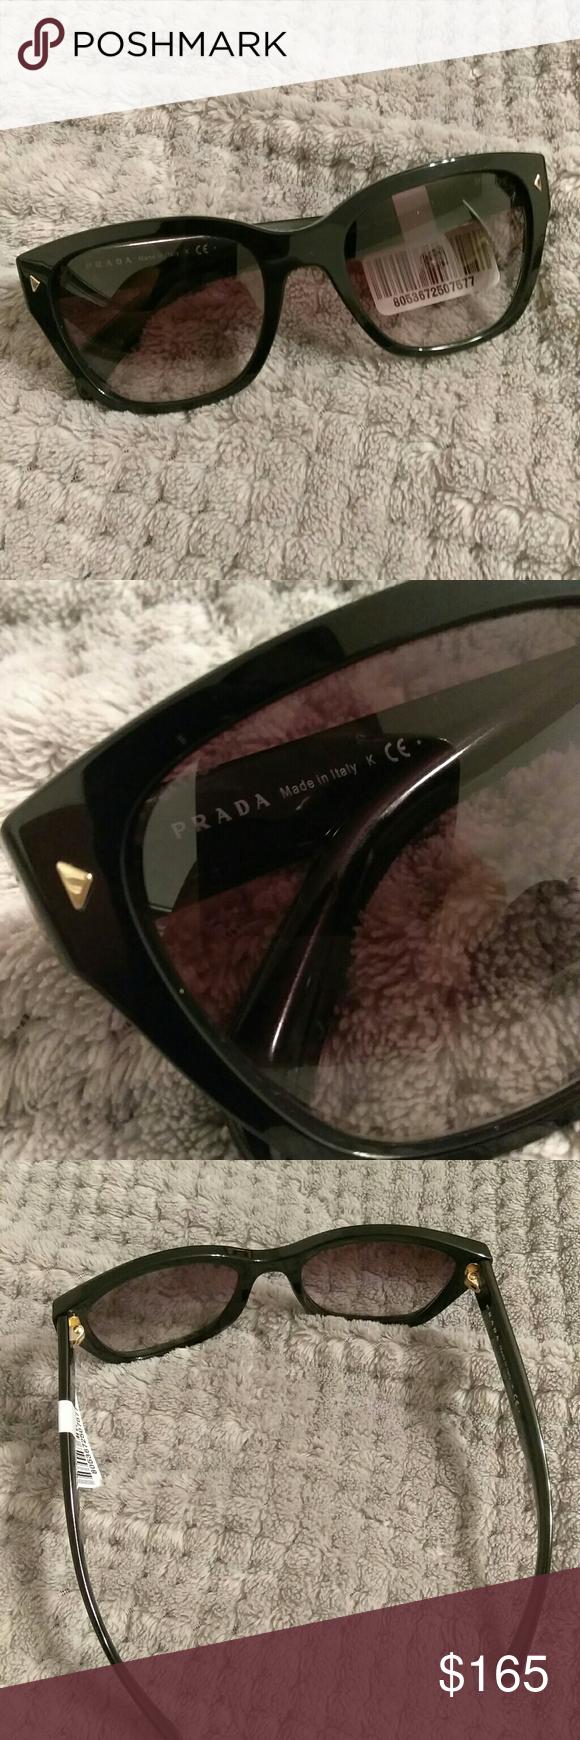 60c833af29e9 canada prada sunglasses pr 09ss 1ab9k1 54 90943 0cccf  closeout nwt prada  black frame sunglasses brand new with tags black gold prada sunglasses.  a5ea9